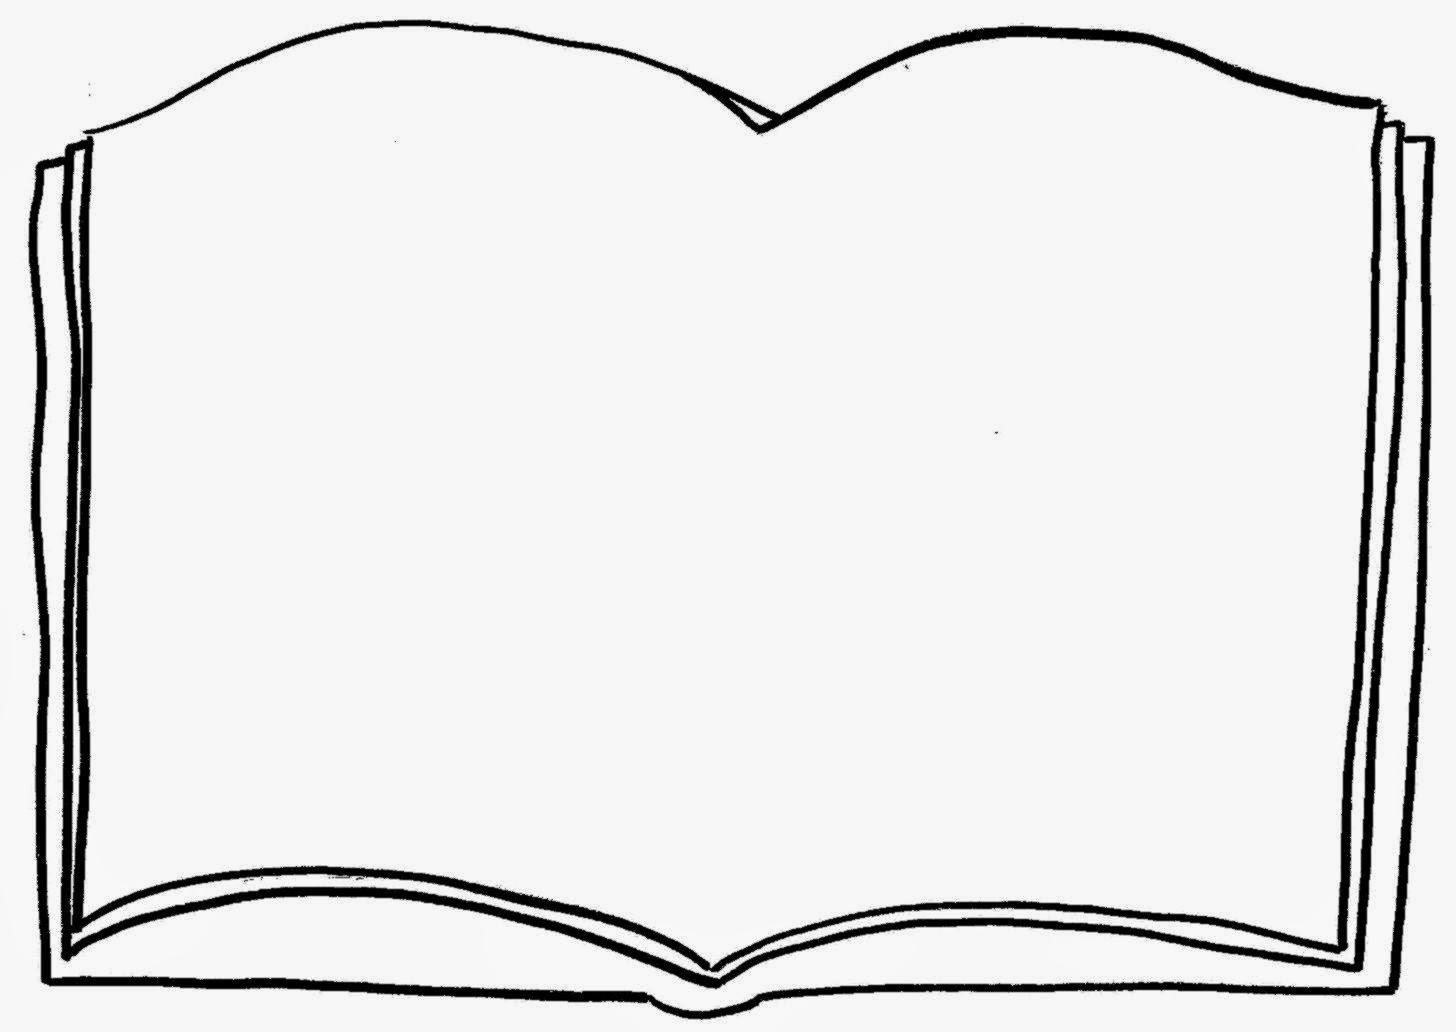 1456x1032 Open Book Clipart